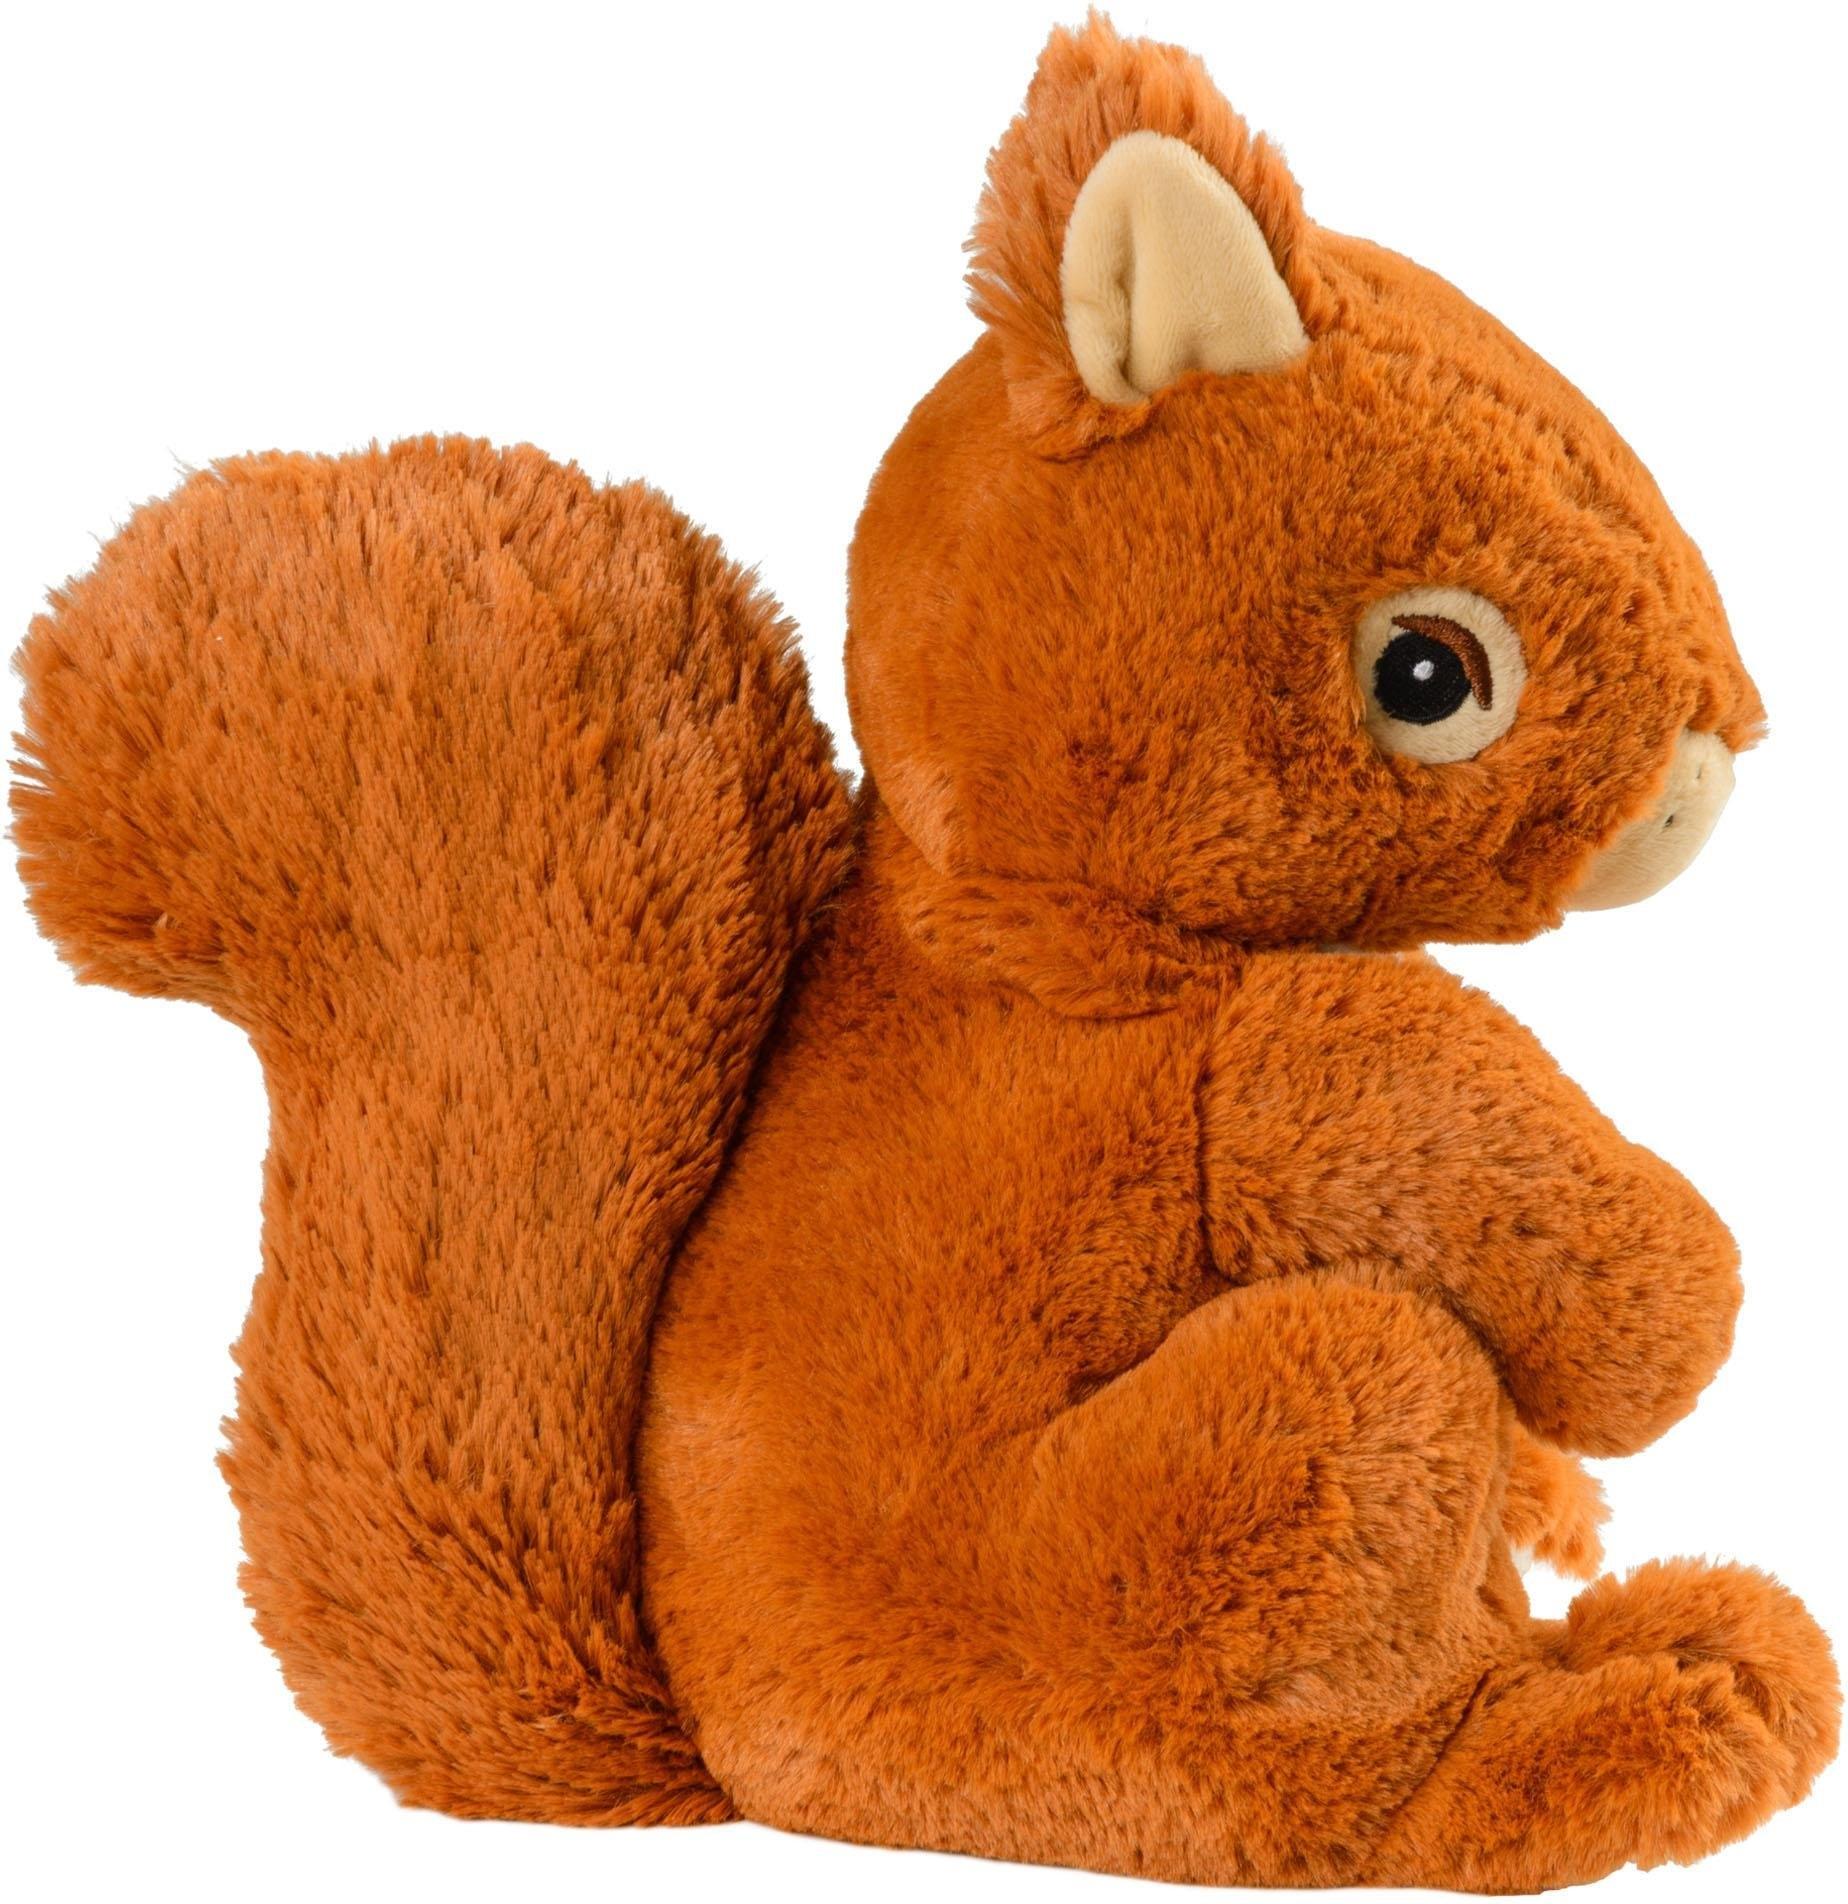 Warmies ® warmtekussen, »Eekhoorn« nu online bestellen